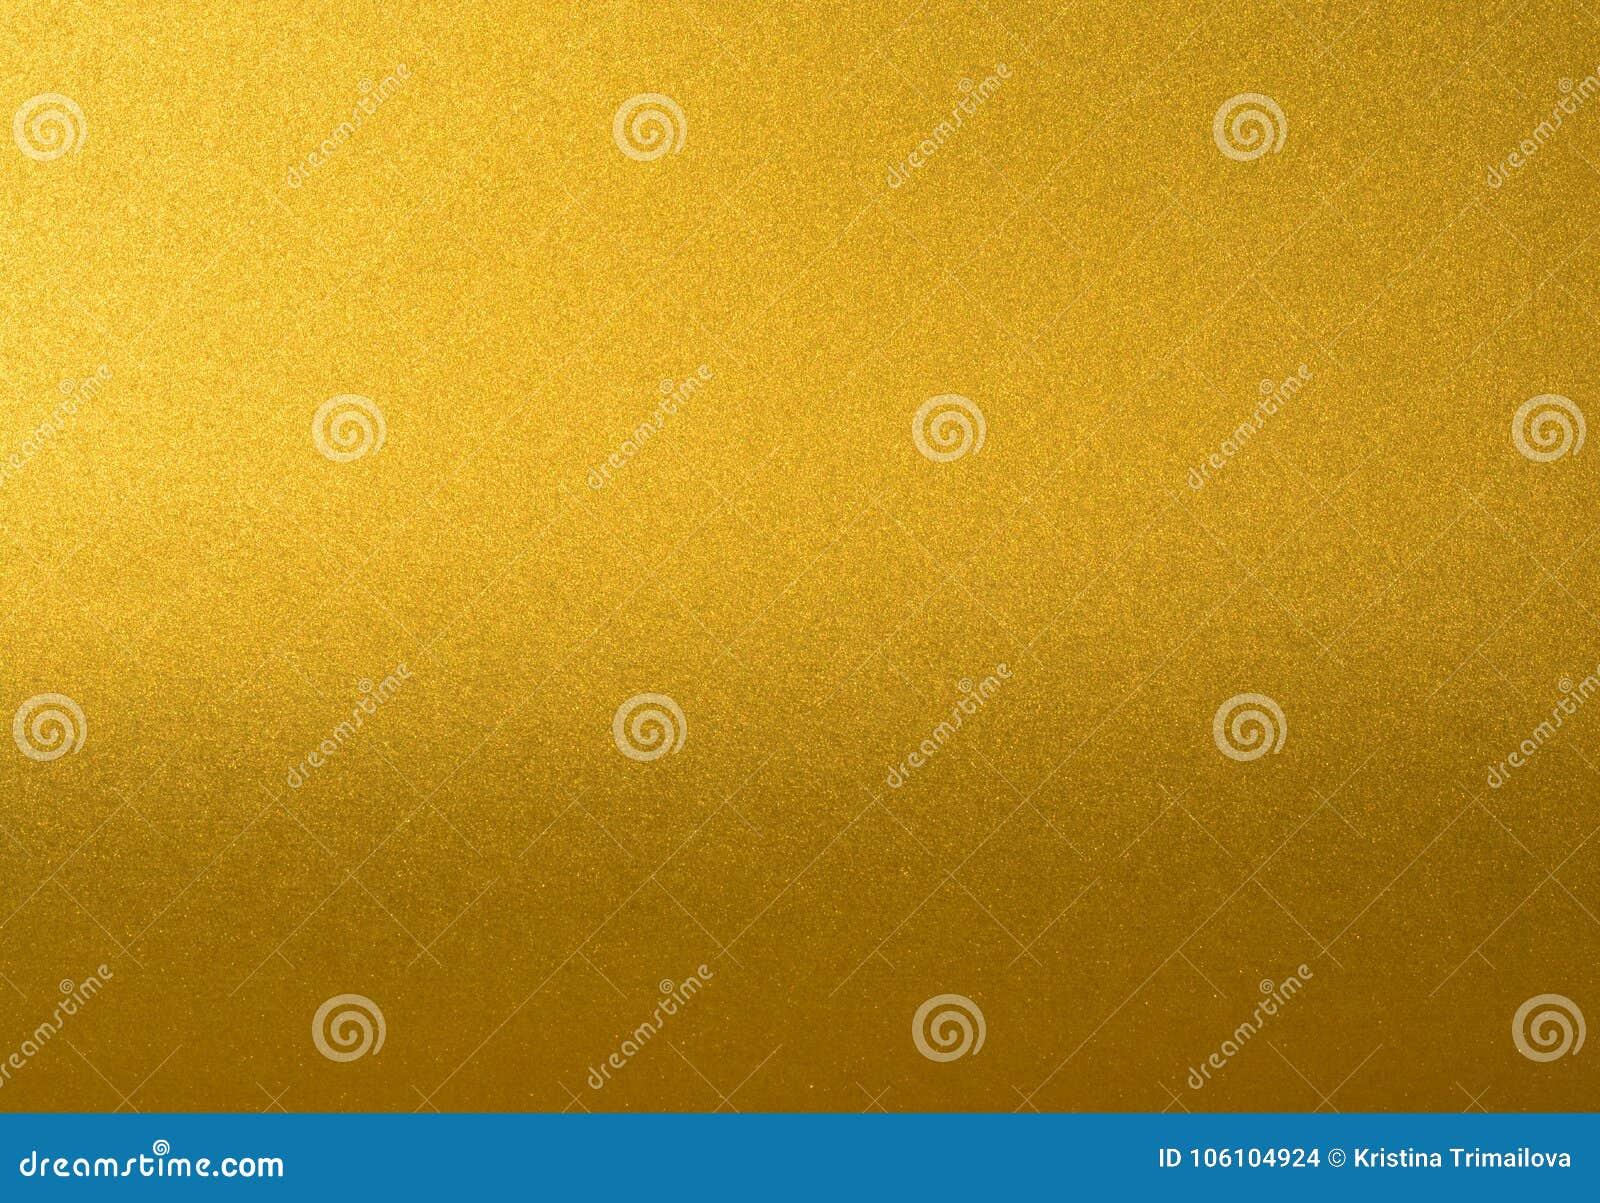 Детали золотой предпосылки текстуры с градиентом и тенью Стена краски цвета золота Роскошная золотая предпосылка и